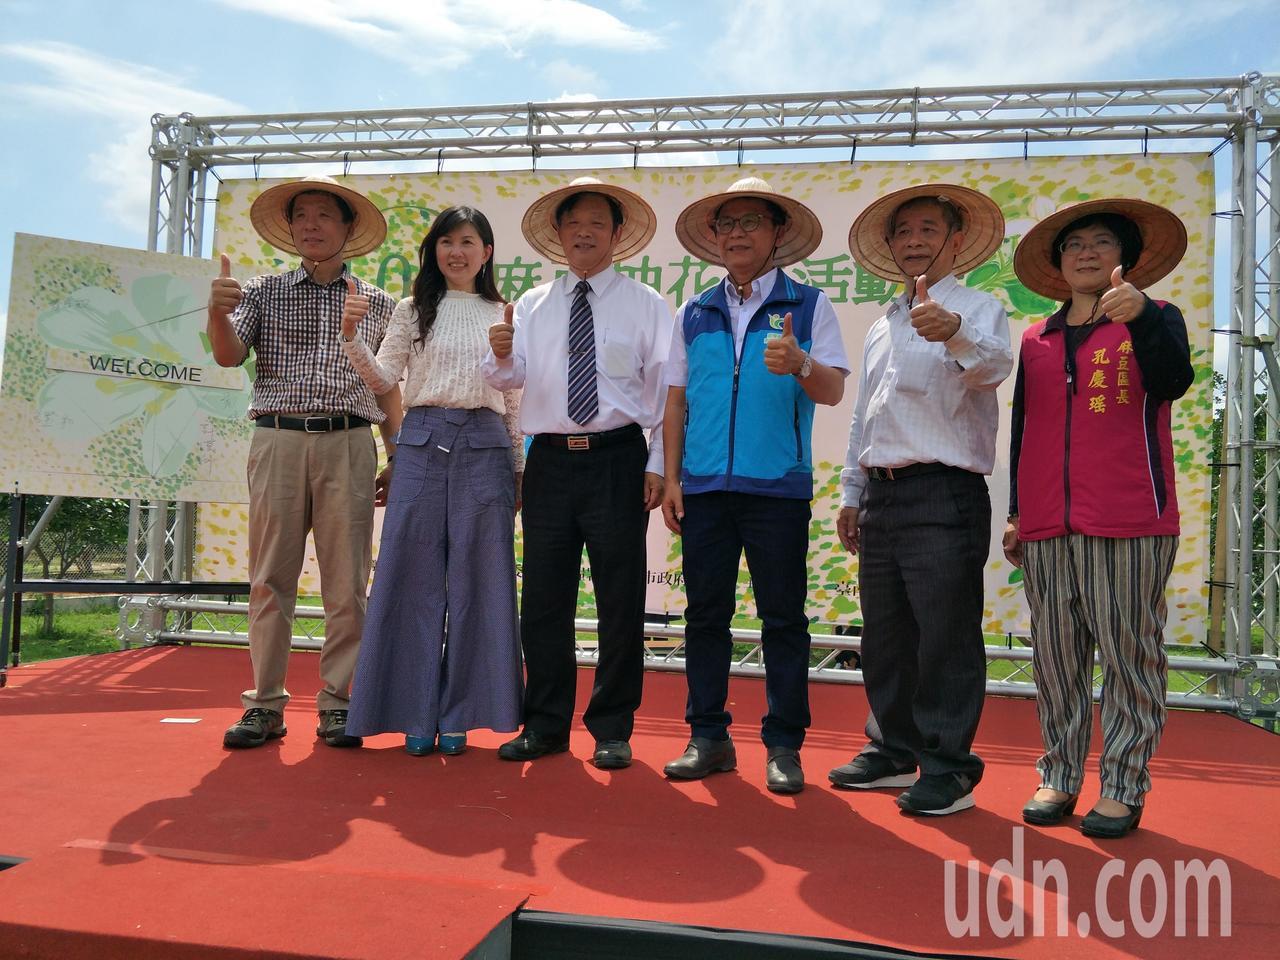 睽違5年台南麻豆農會再度承辦柚花季系列活動,邀請各界來參與。記者謝進盛/攝影